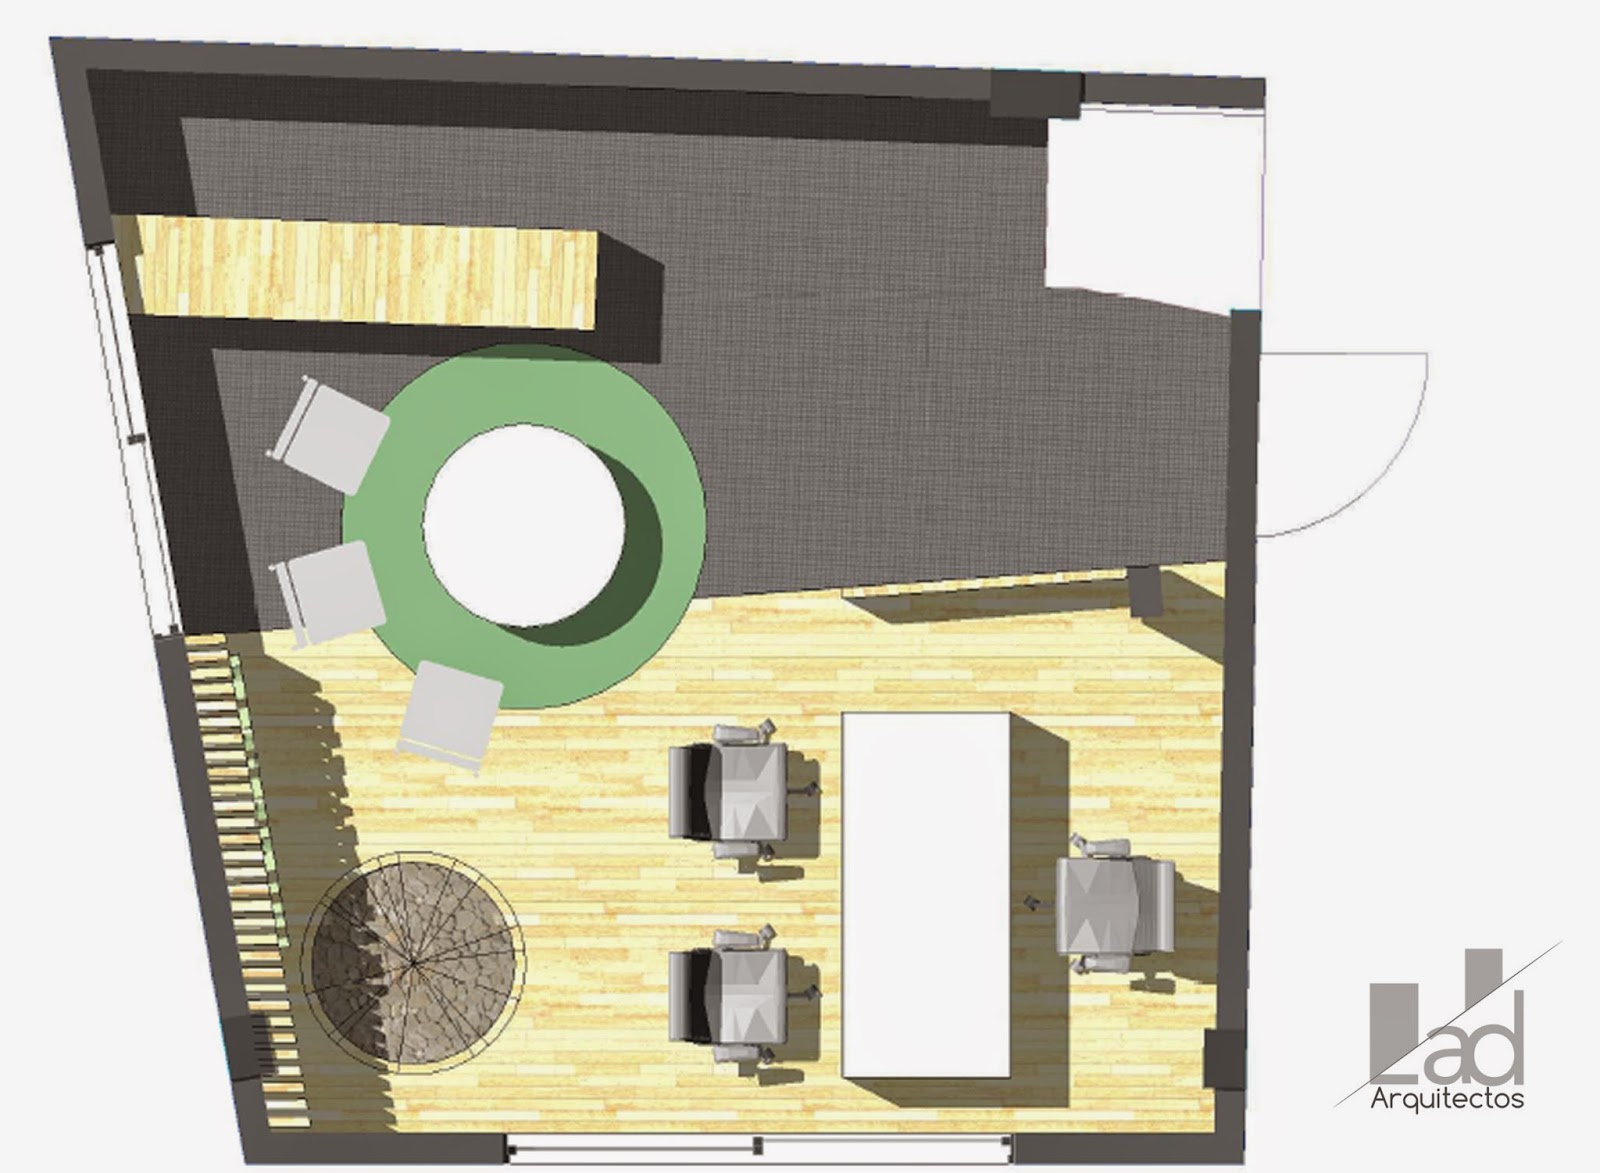 Arquitectura y dise o lad arquitectos oficina madereria for Arquitectura y diseno las palmas